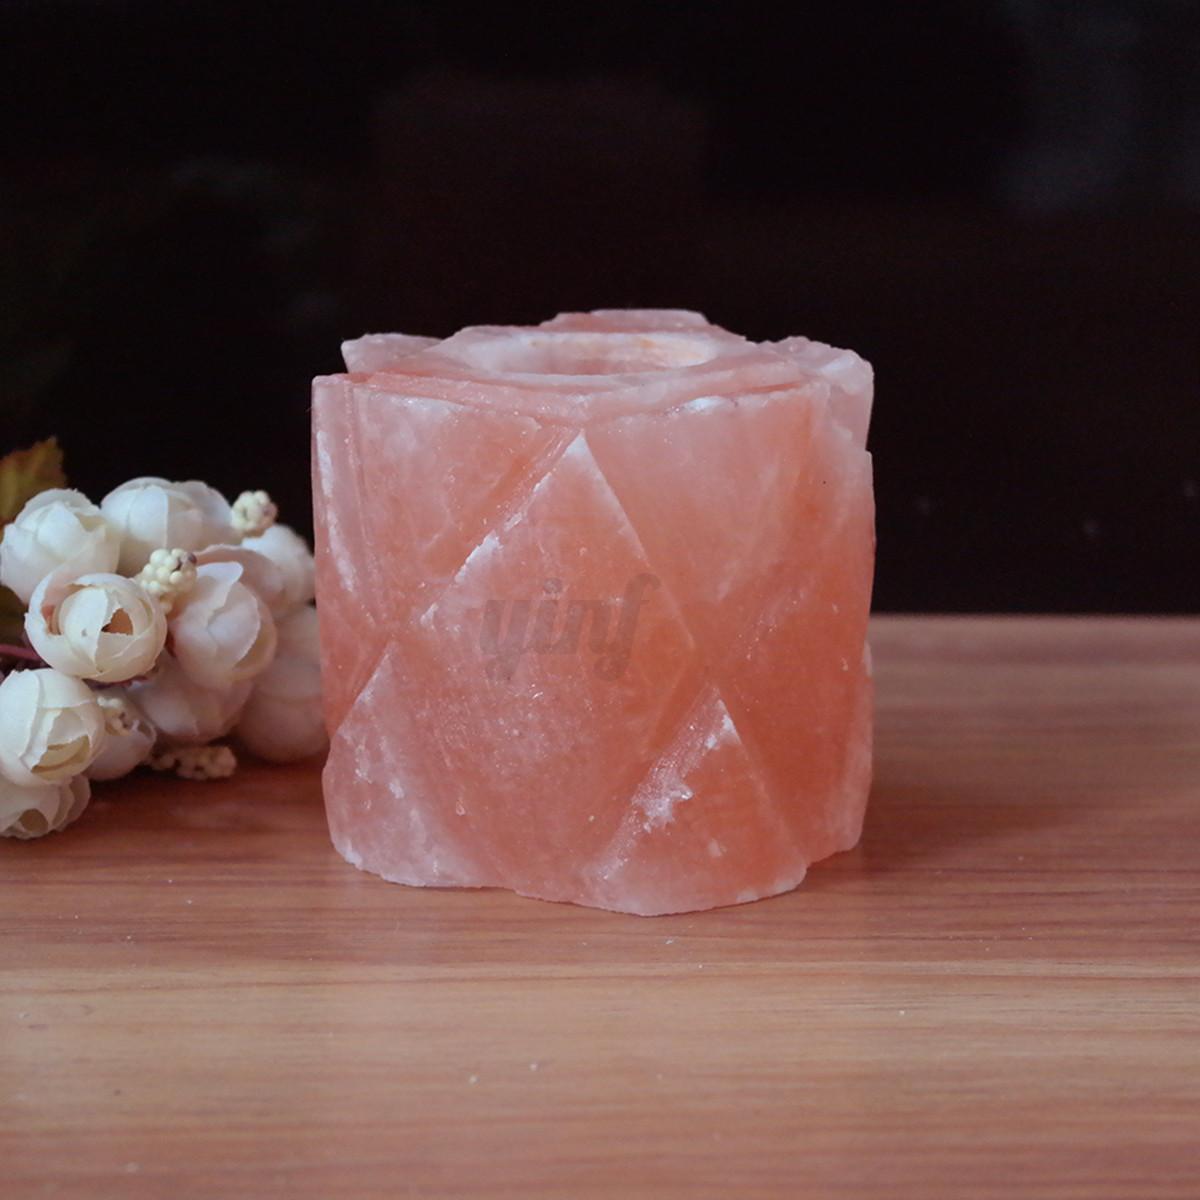 Salt Lamps Placement : Himalayan Natural Crystal Rock Salt Lamp Candle Holder Night Light Air Ionizer eBay